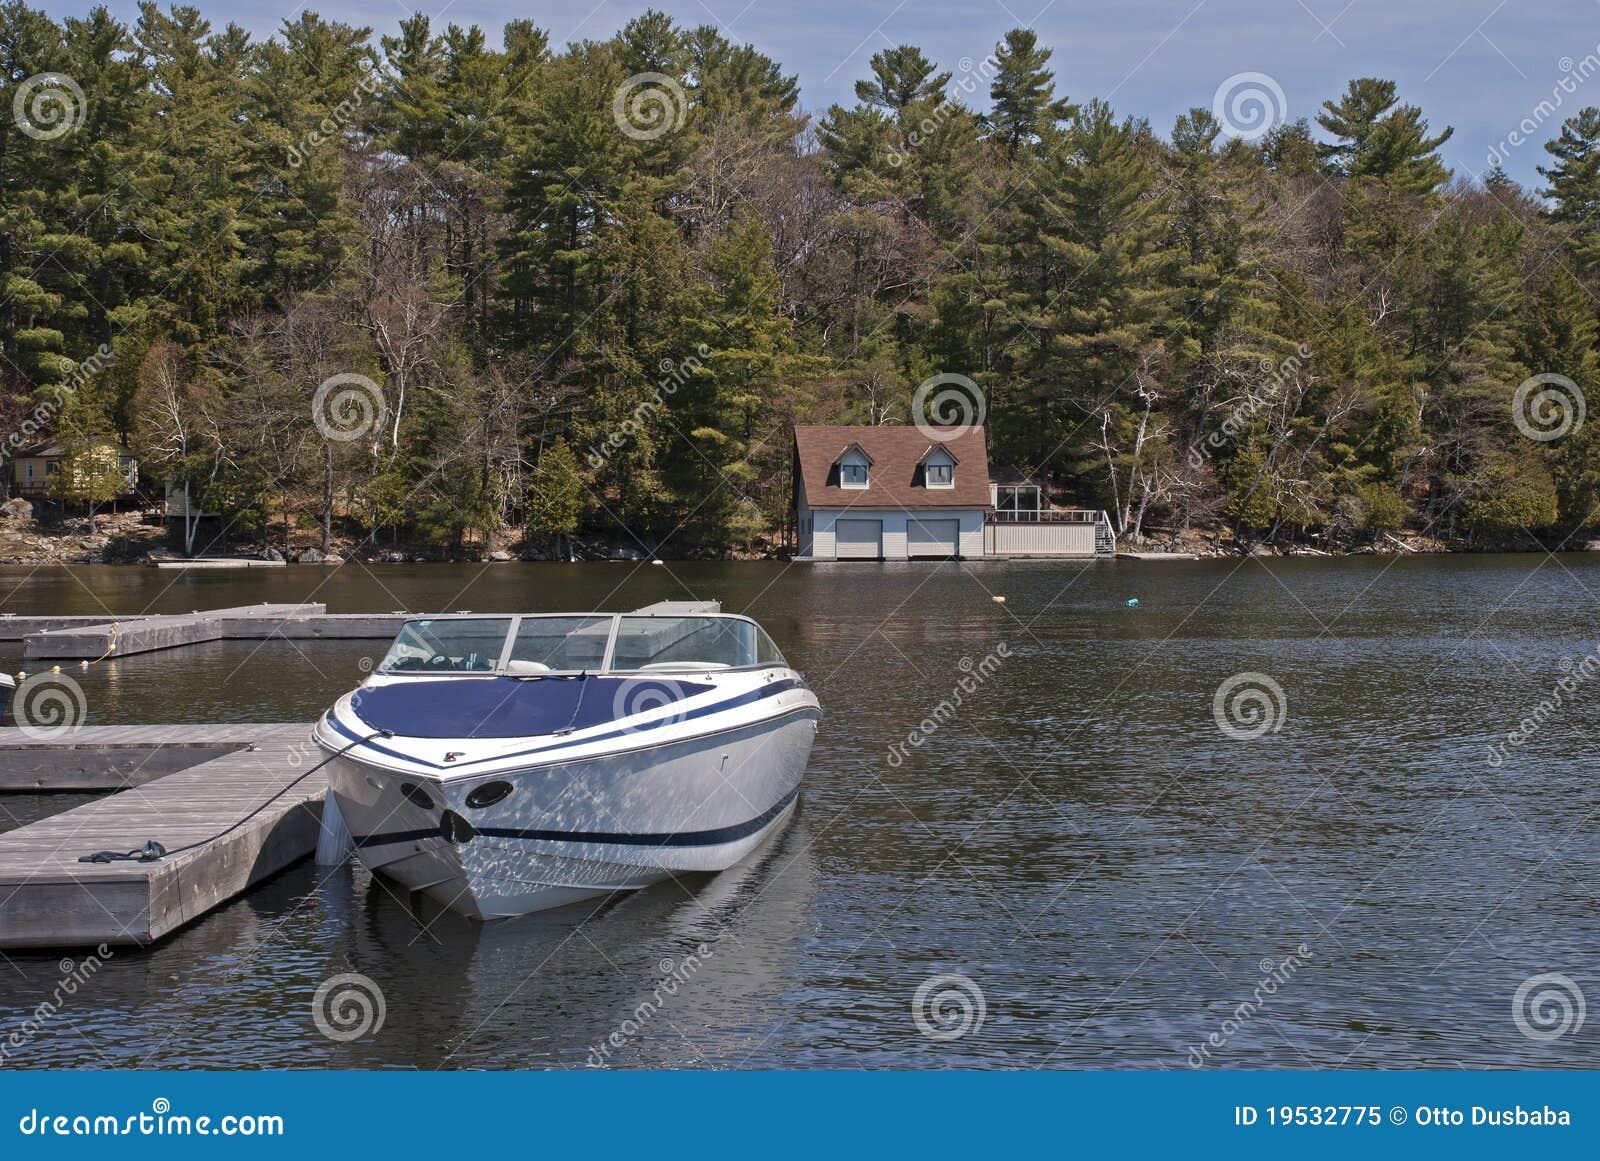 Motorboot die op een meer wordt gedokt